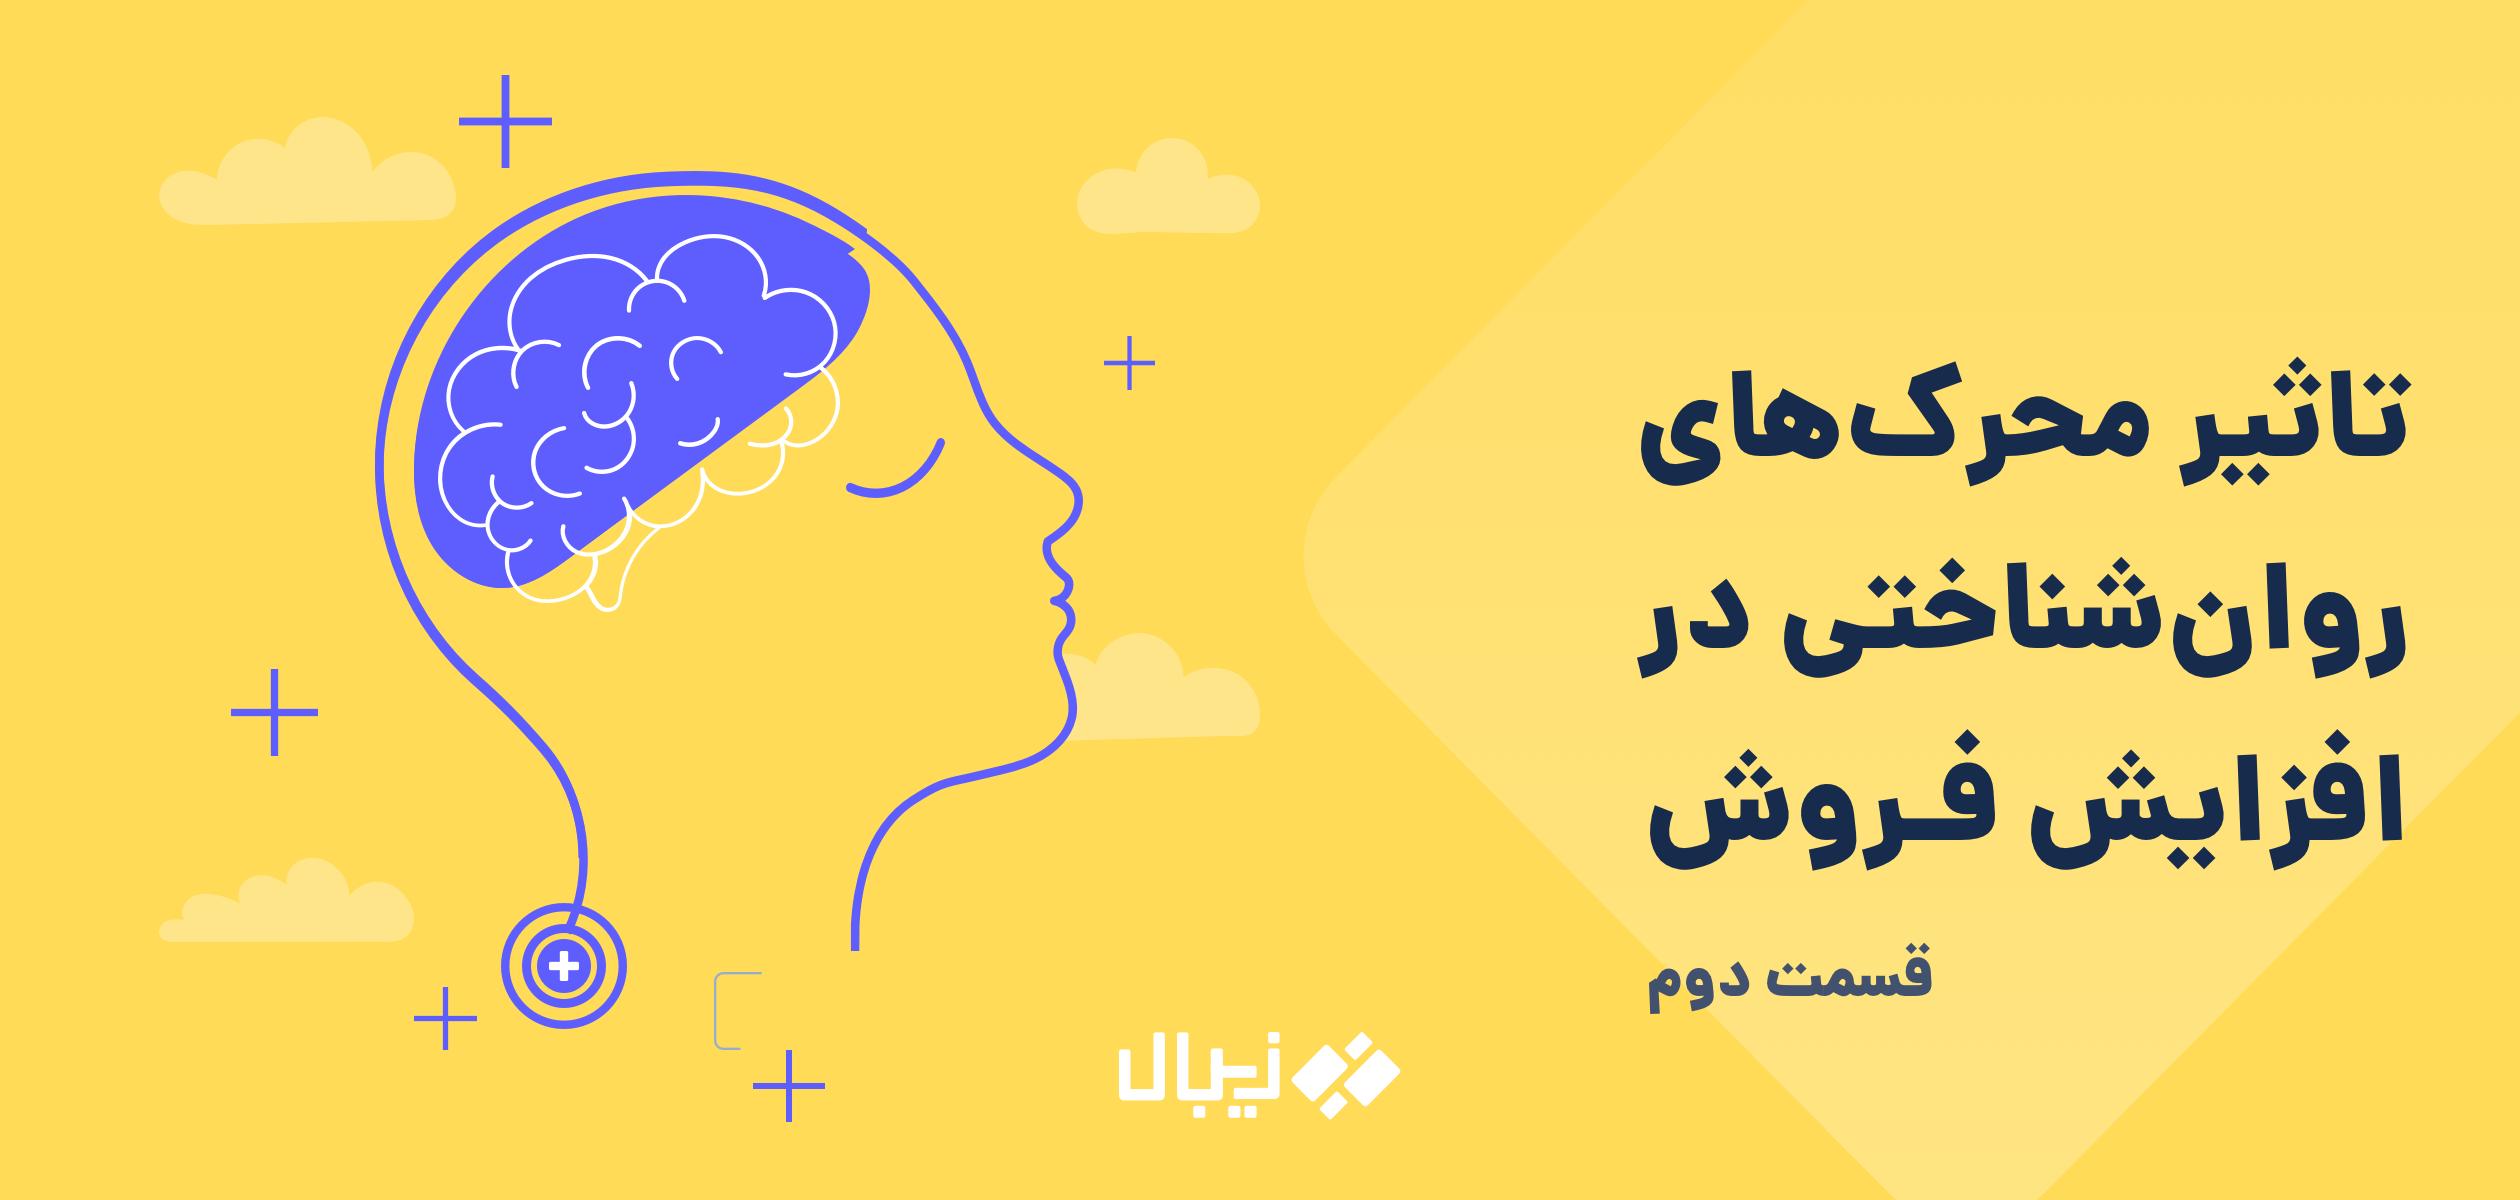 محرک های روانی و روانشناختی افزایش فروش آنلاین